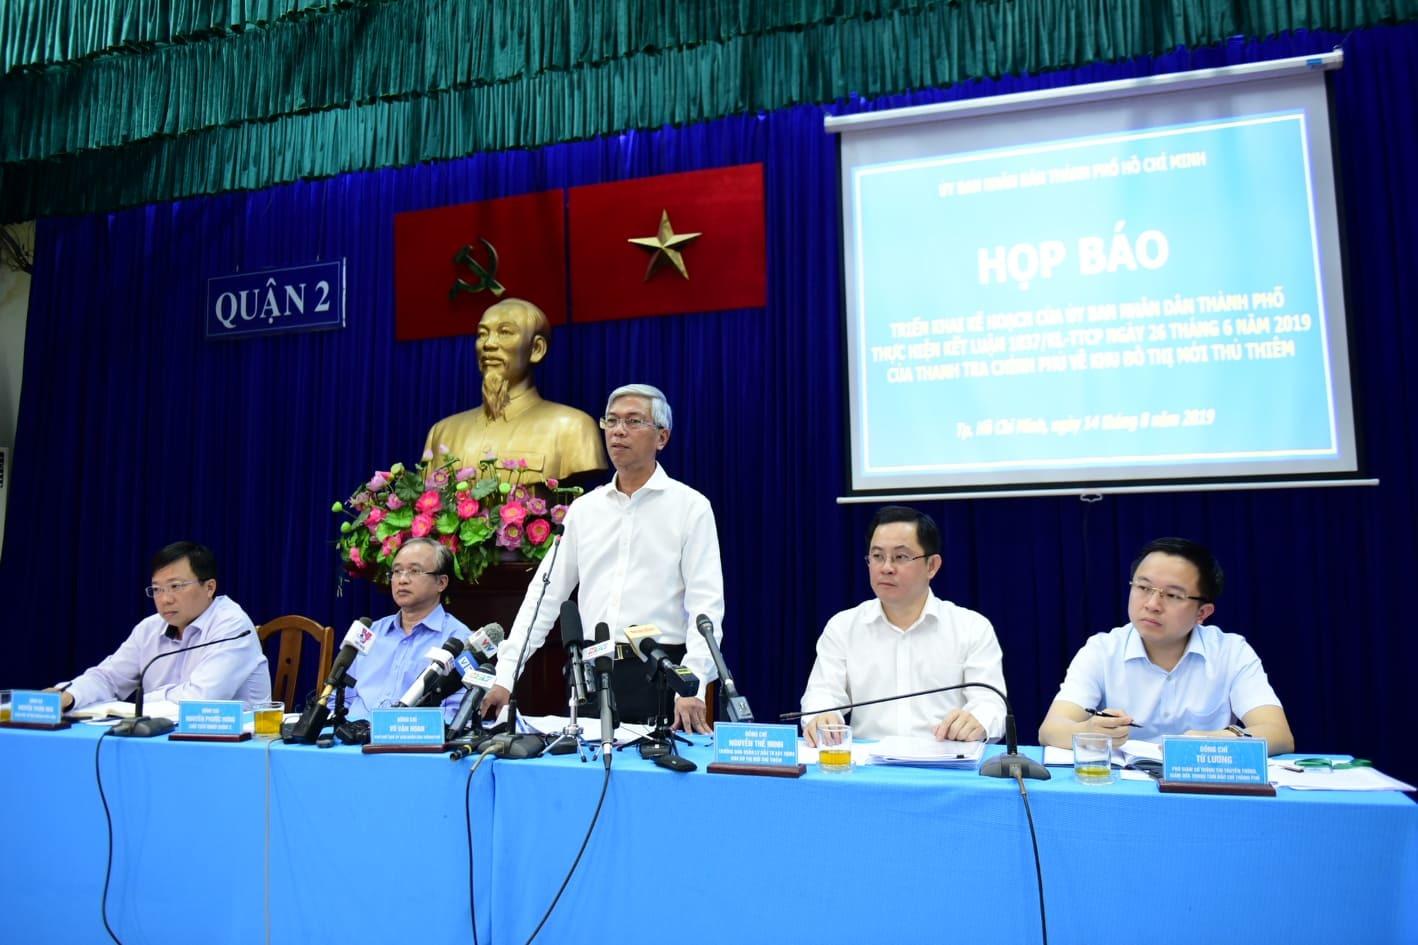 Thủ Thiêm,Sai Phạm Thủ Thiêm,đền bù giải tỏa,quy hoạch thủ thiêm